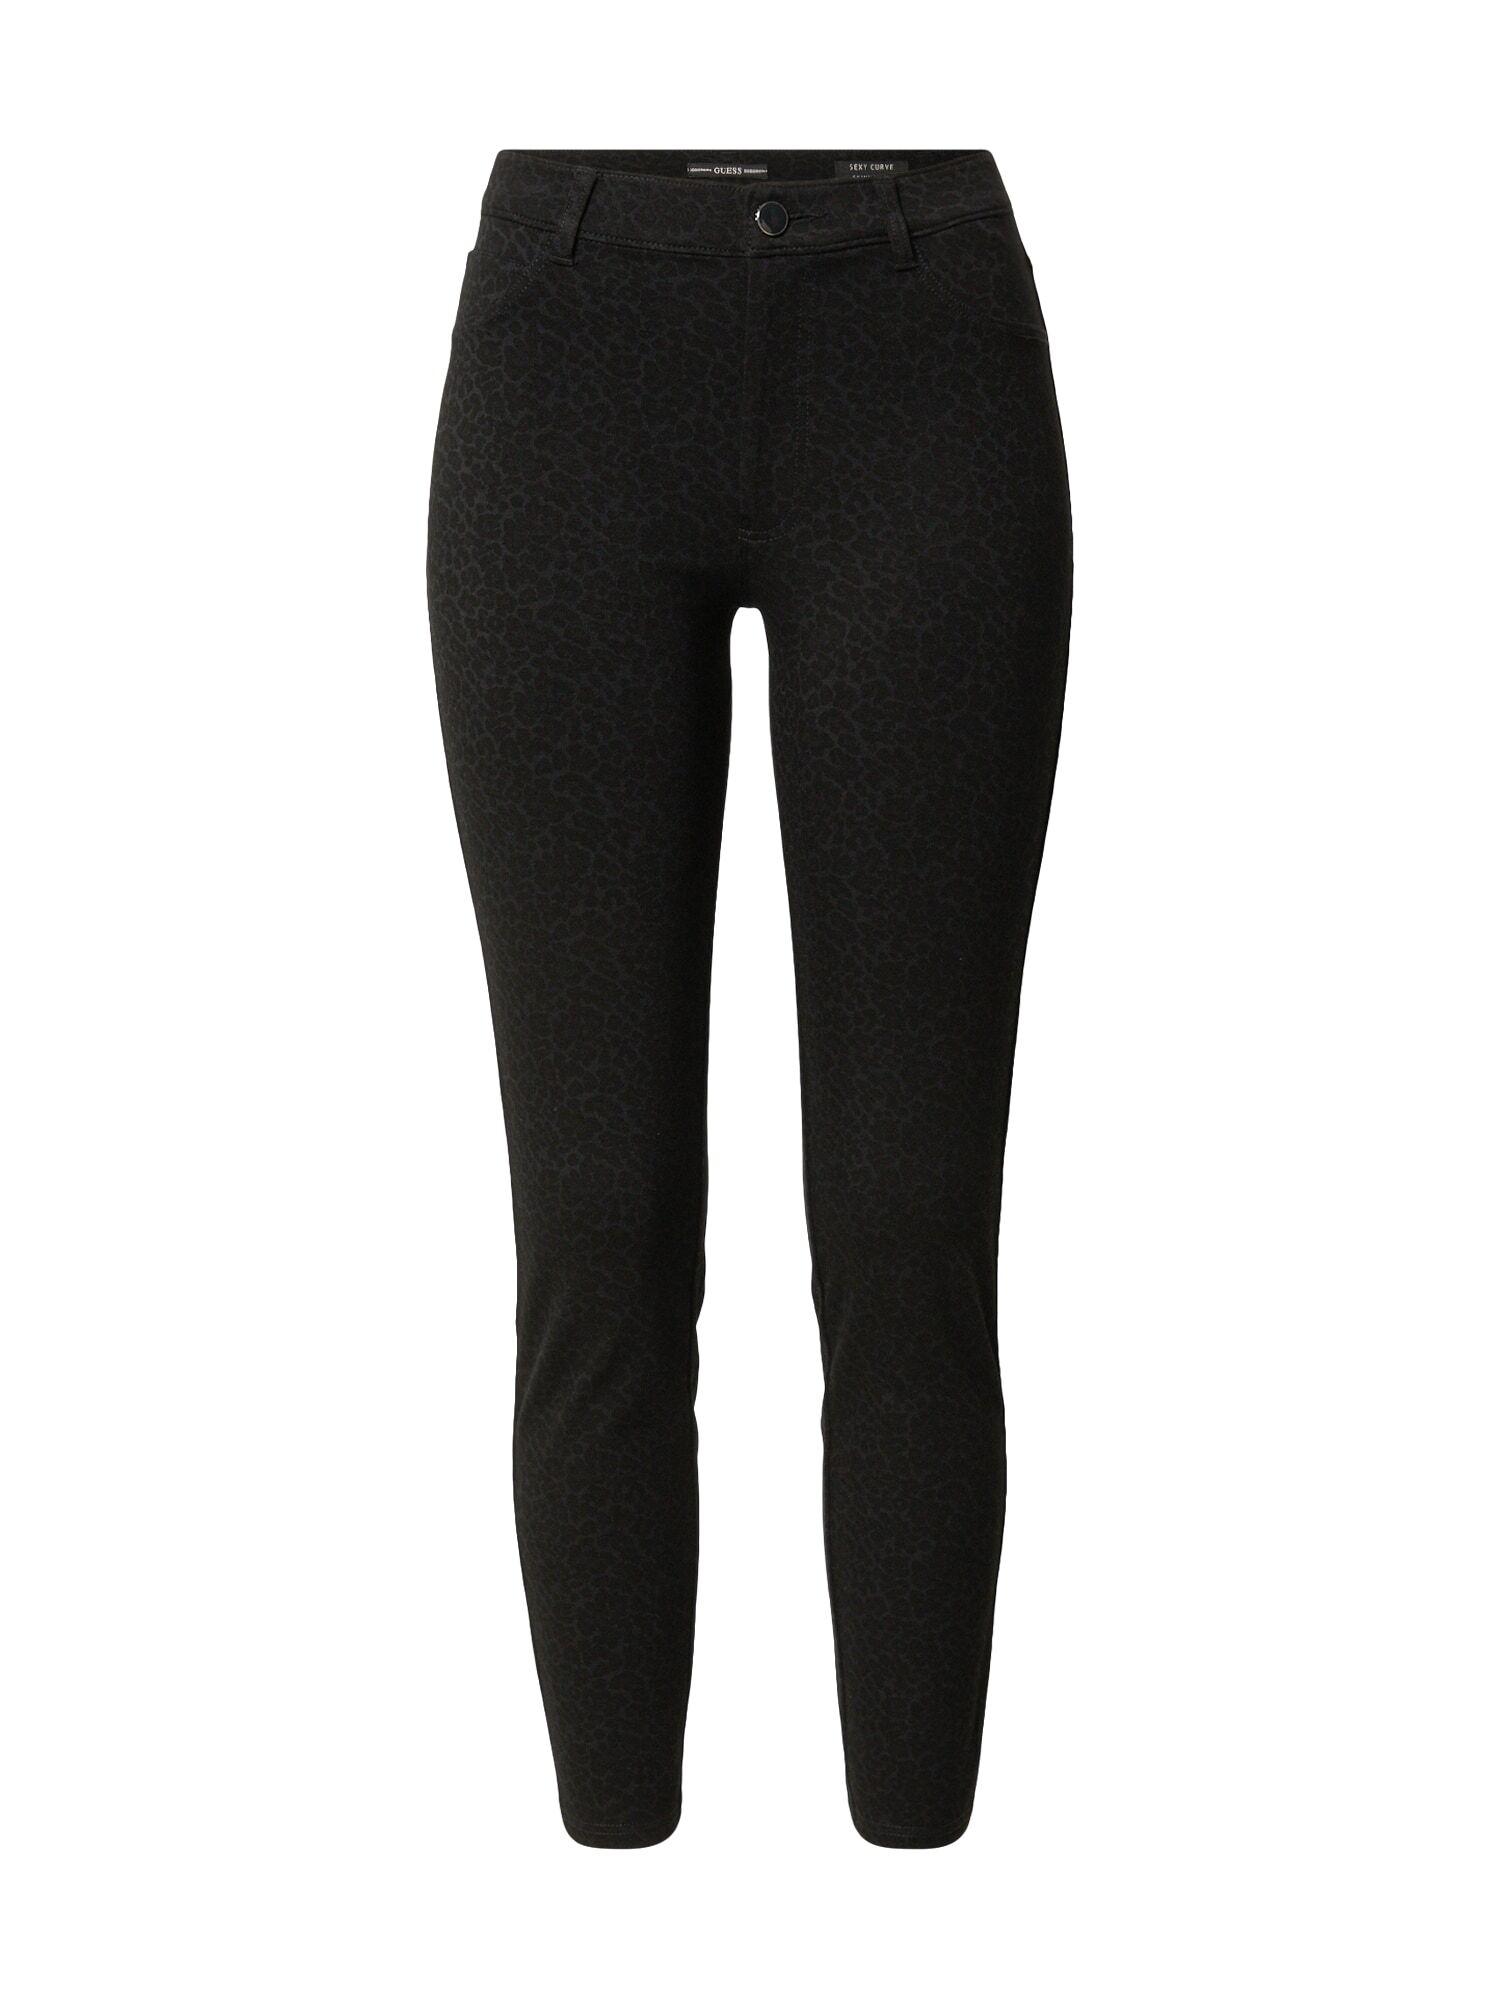 GUESS Pantalon 'SEXY CURVE'  - Noir - Taille: 27 - female